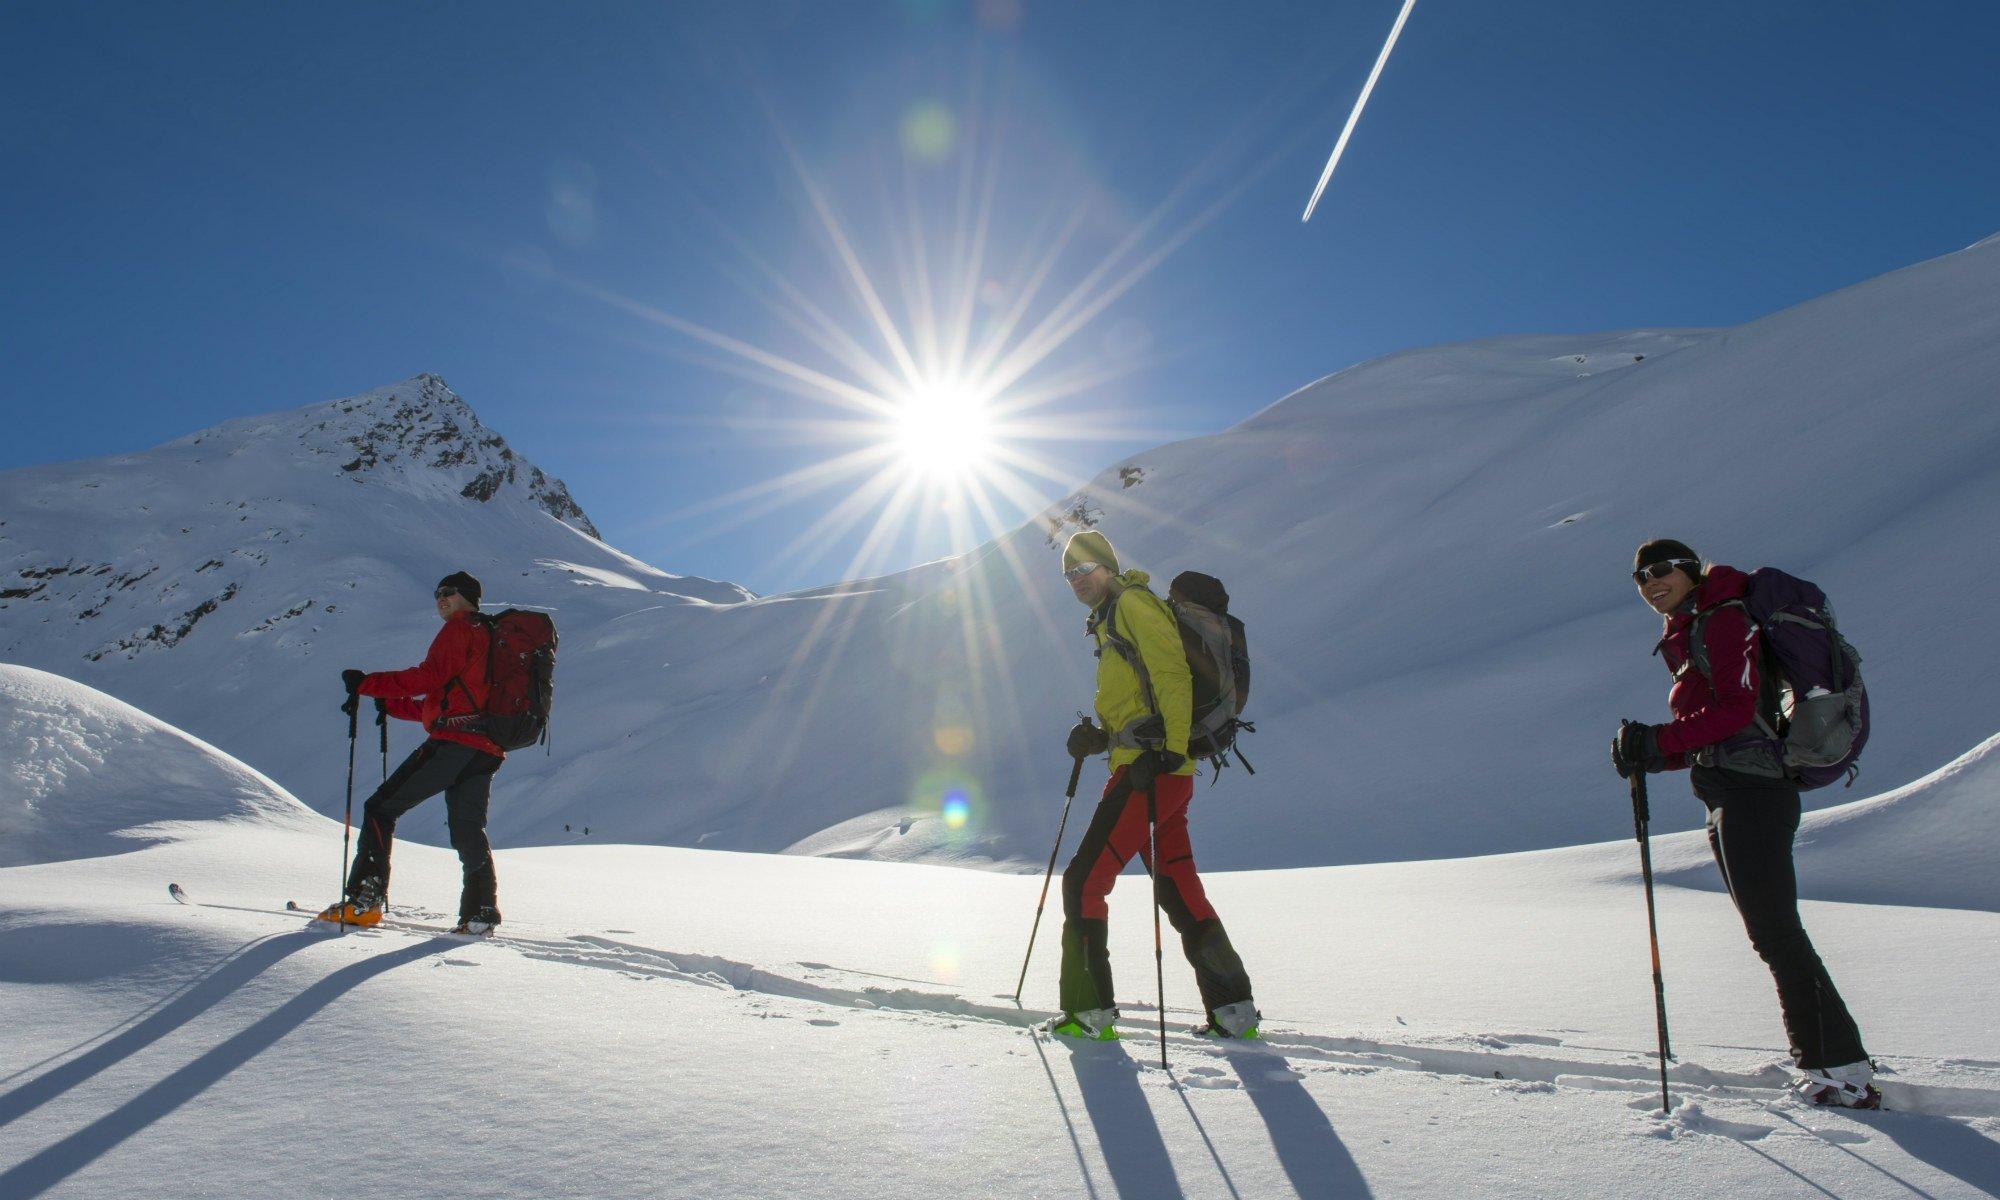 3 persone in un tour sciistico attraverso il paesaggio montano innevato.